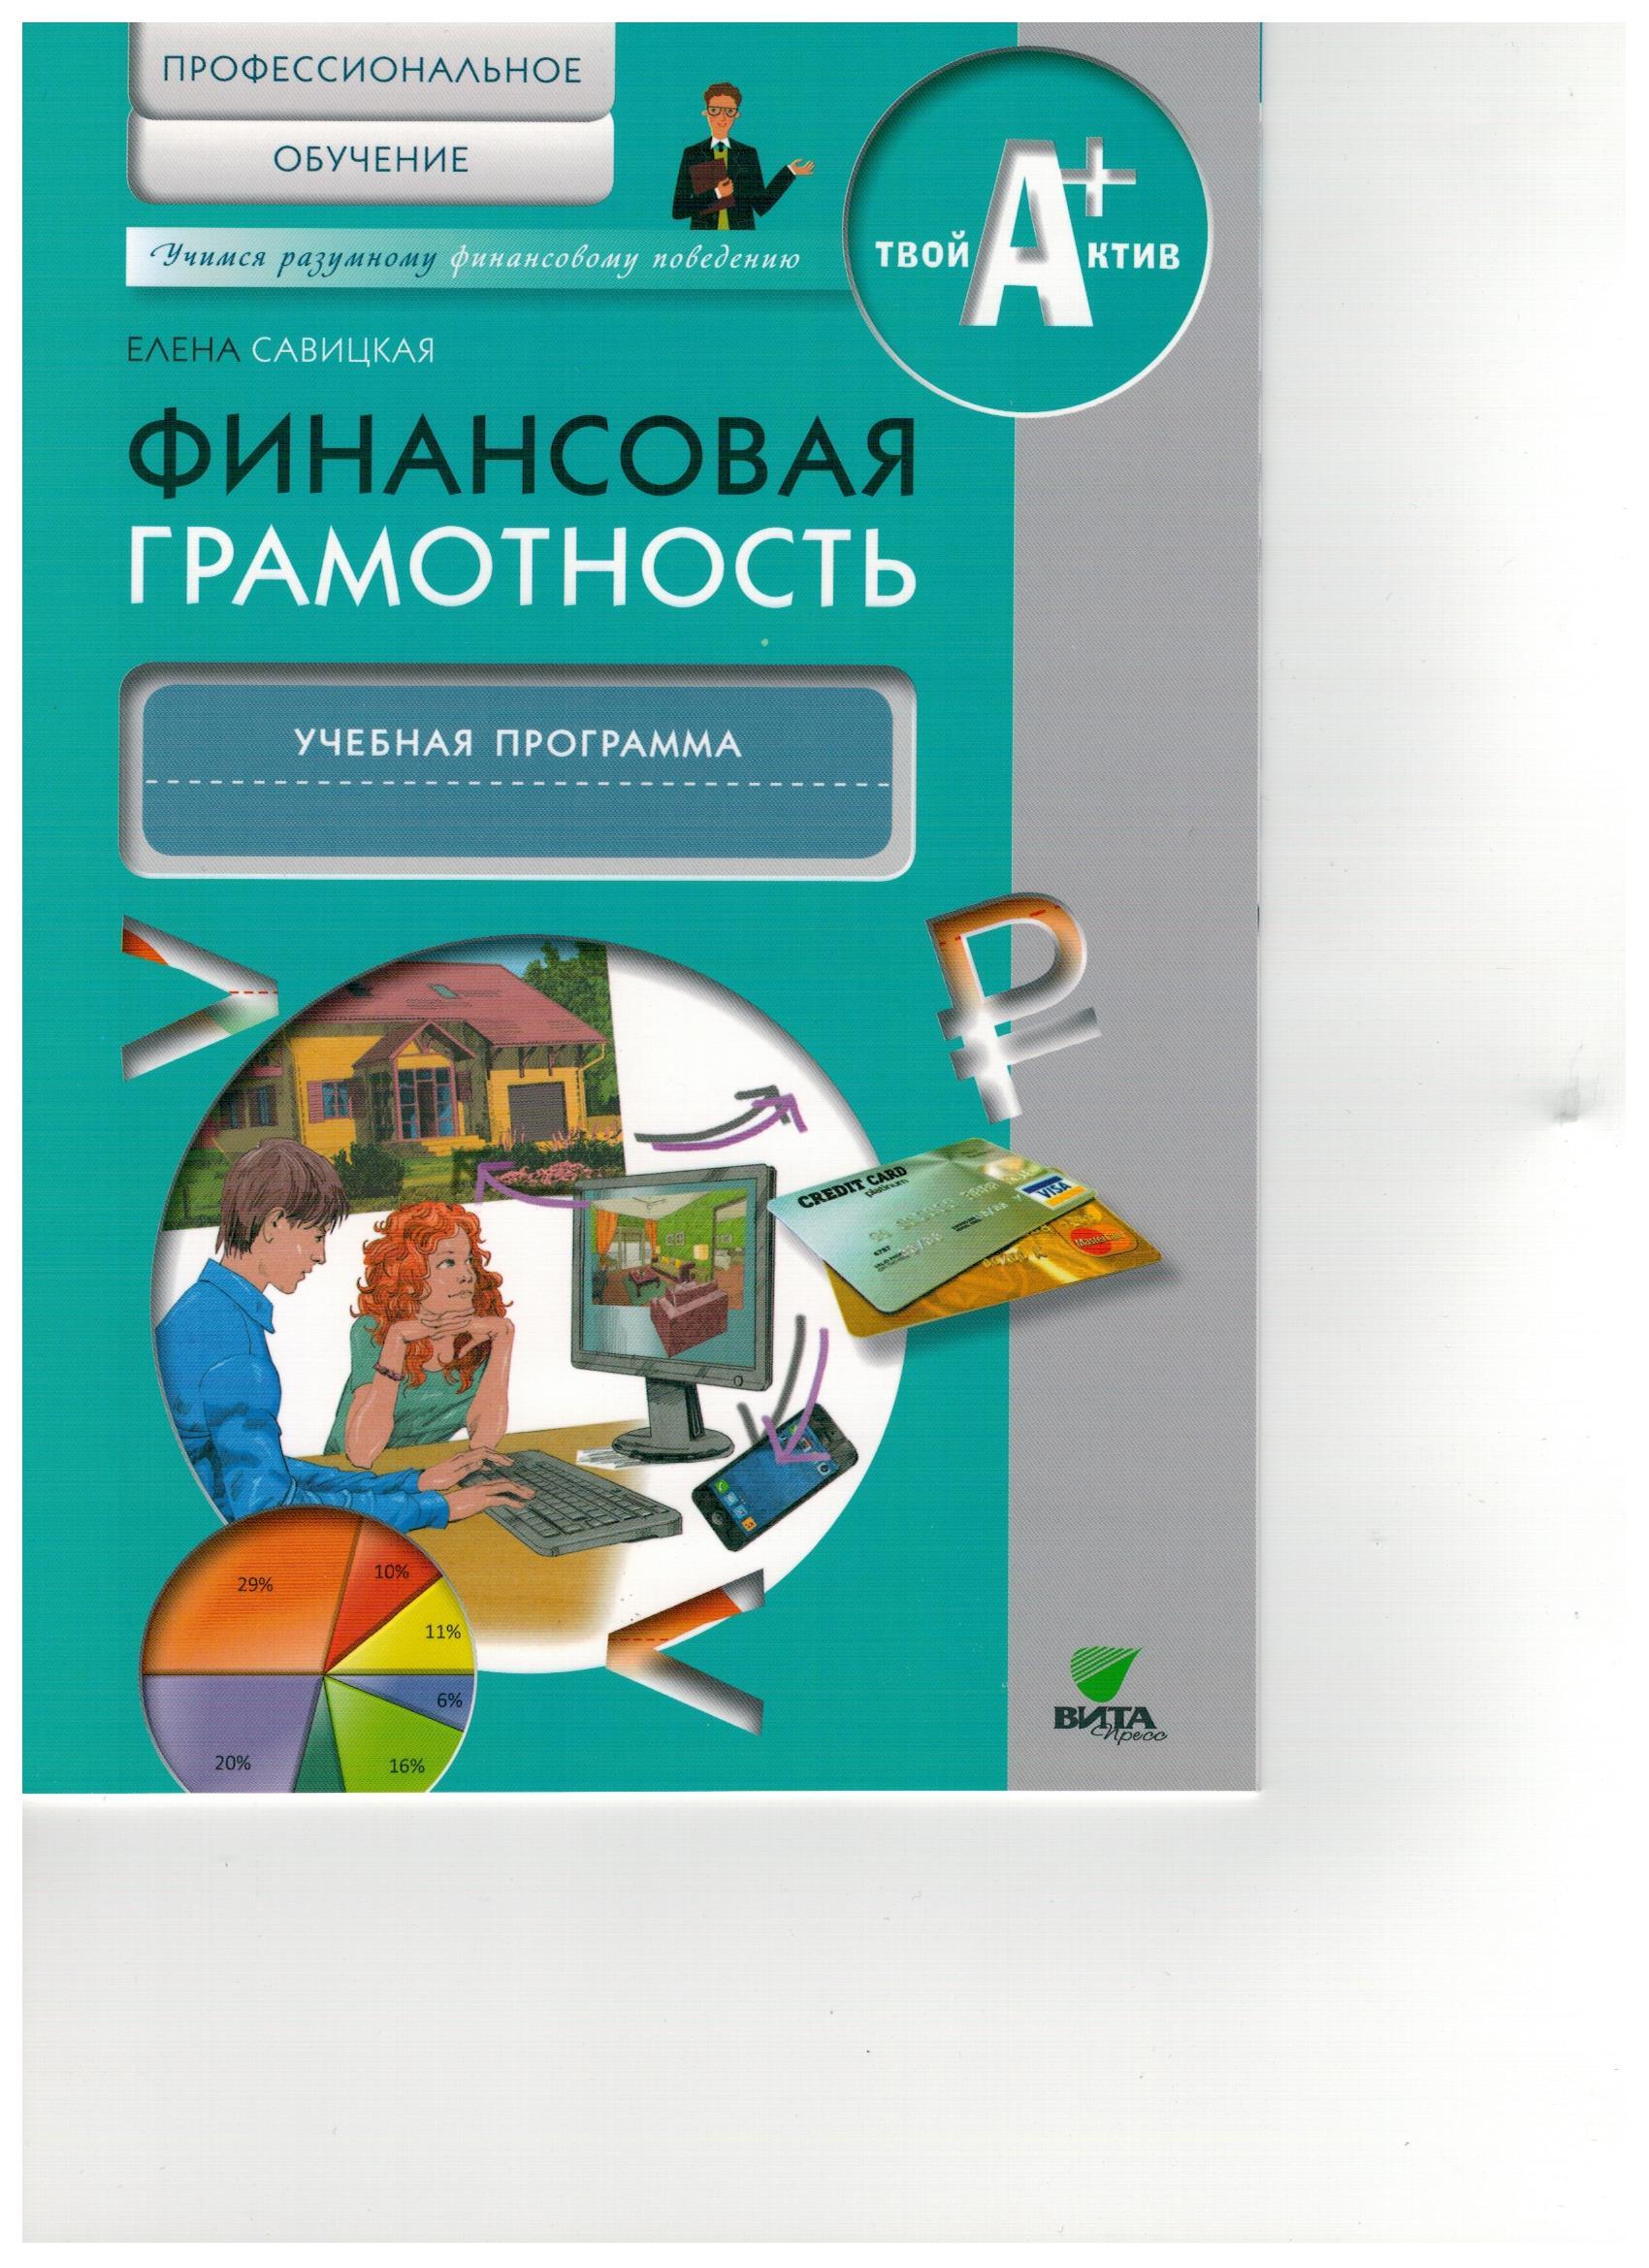 Финансовая грамотность: учебная программа. Профессиональное обучение